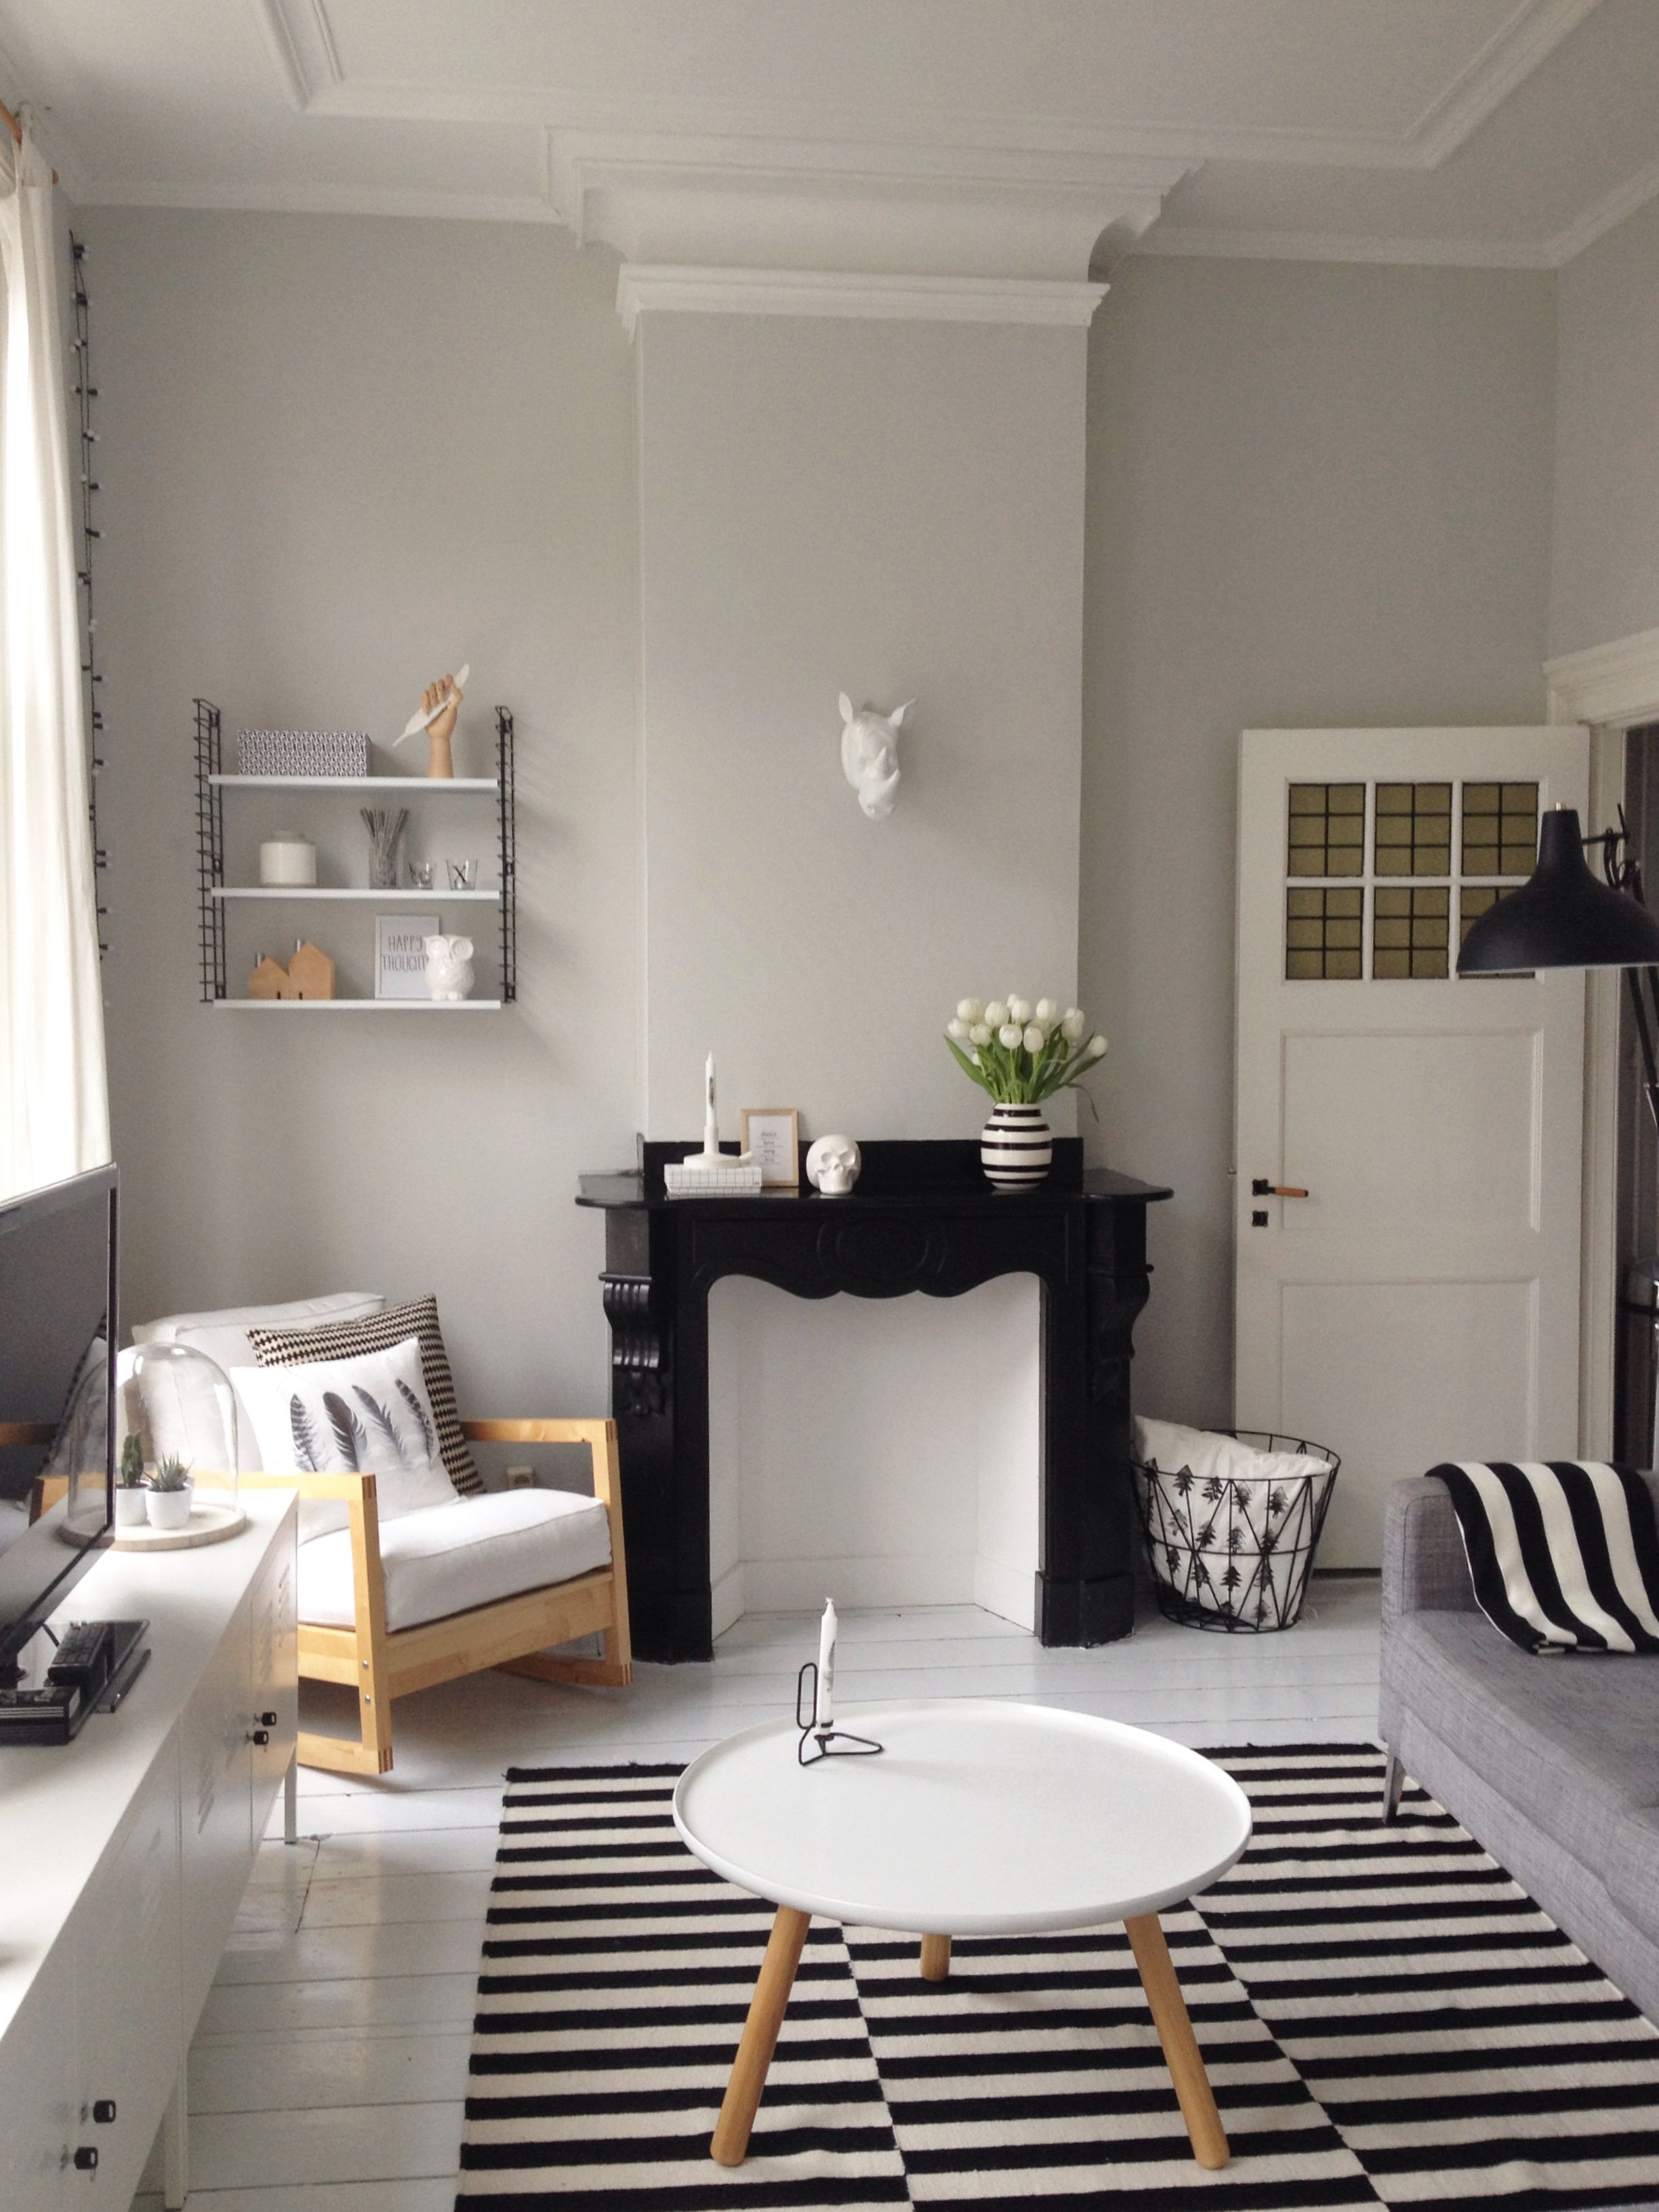 jaren 20 woning - inspiratie woonkamer | Pinterest - Kleine ...